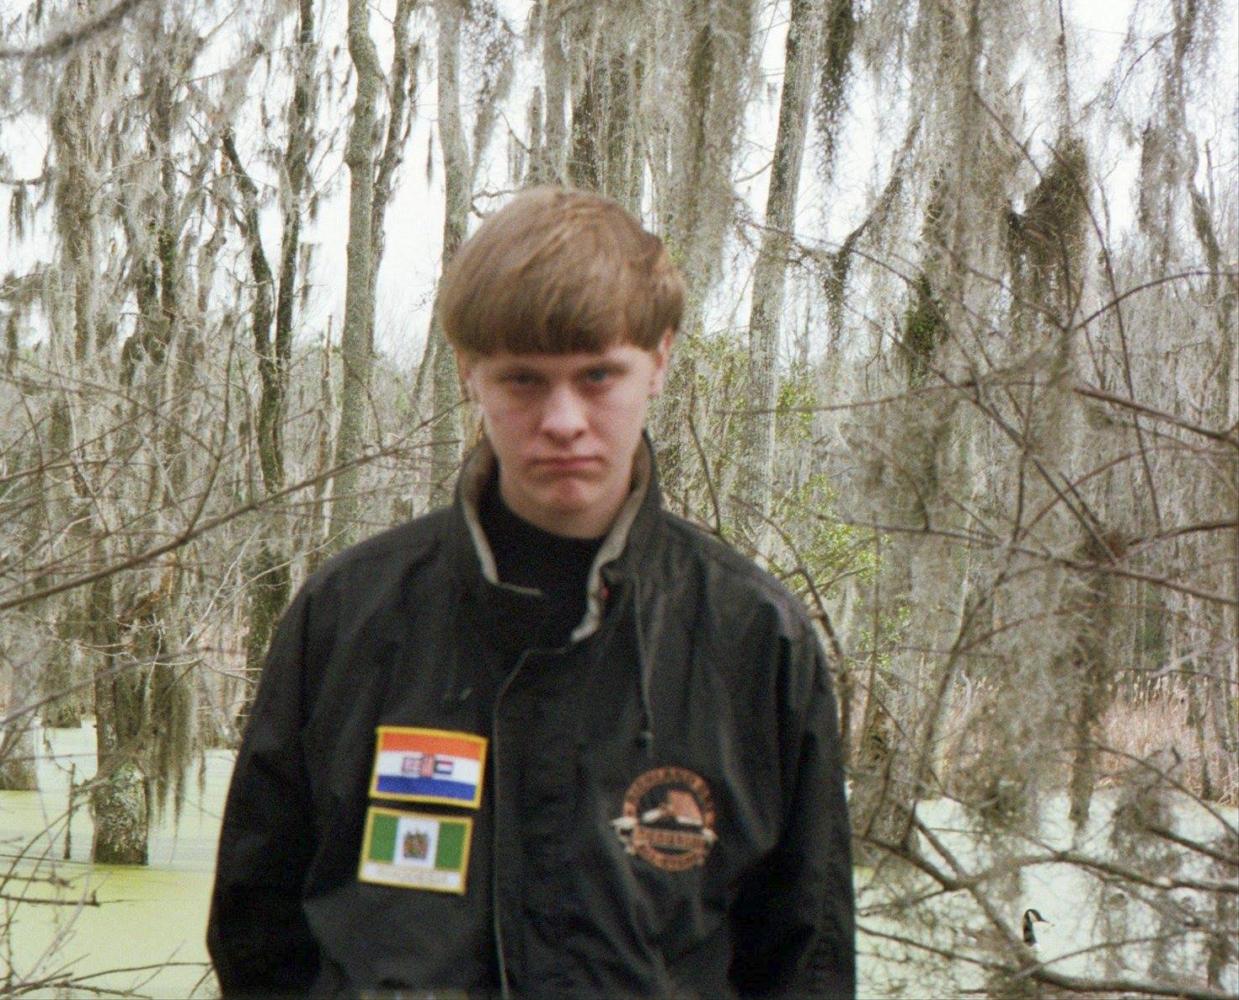 UPDATE – South Carolina church 'Hate Crime' suspect in custody